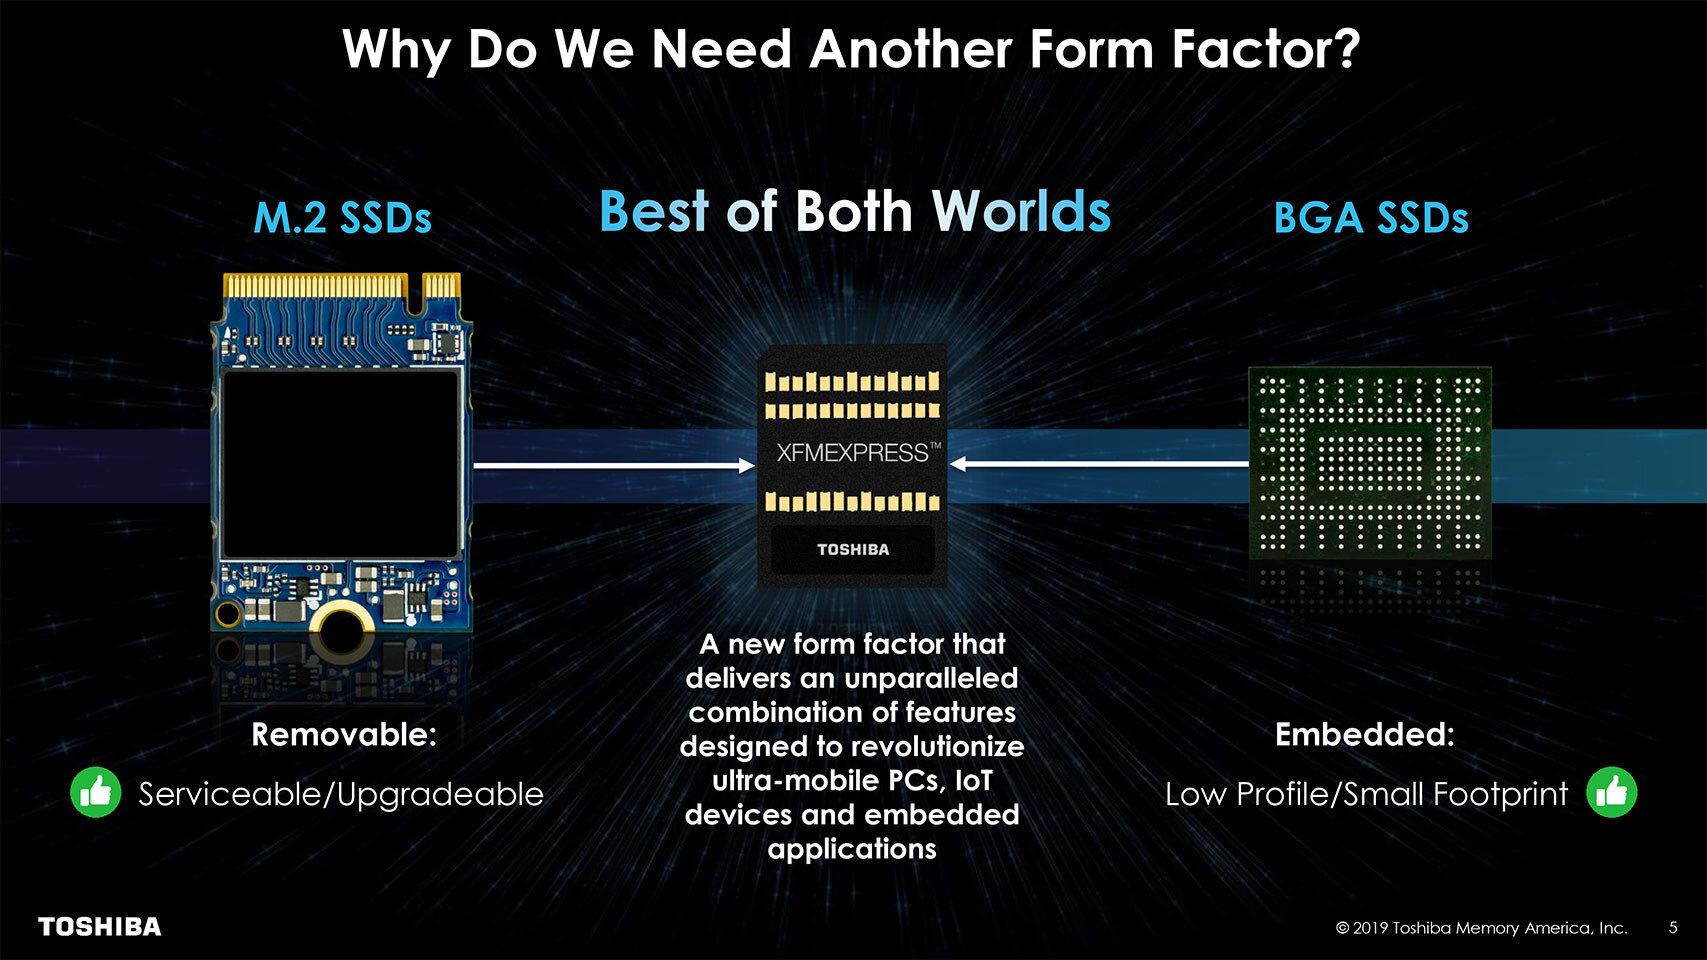 Kompaktheit von BGA-SSDs und Wechselbarkeit von M.2-SSDs vereint